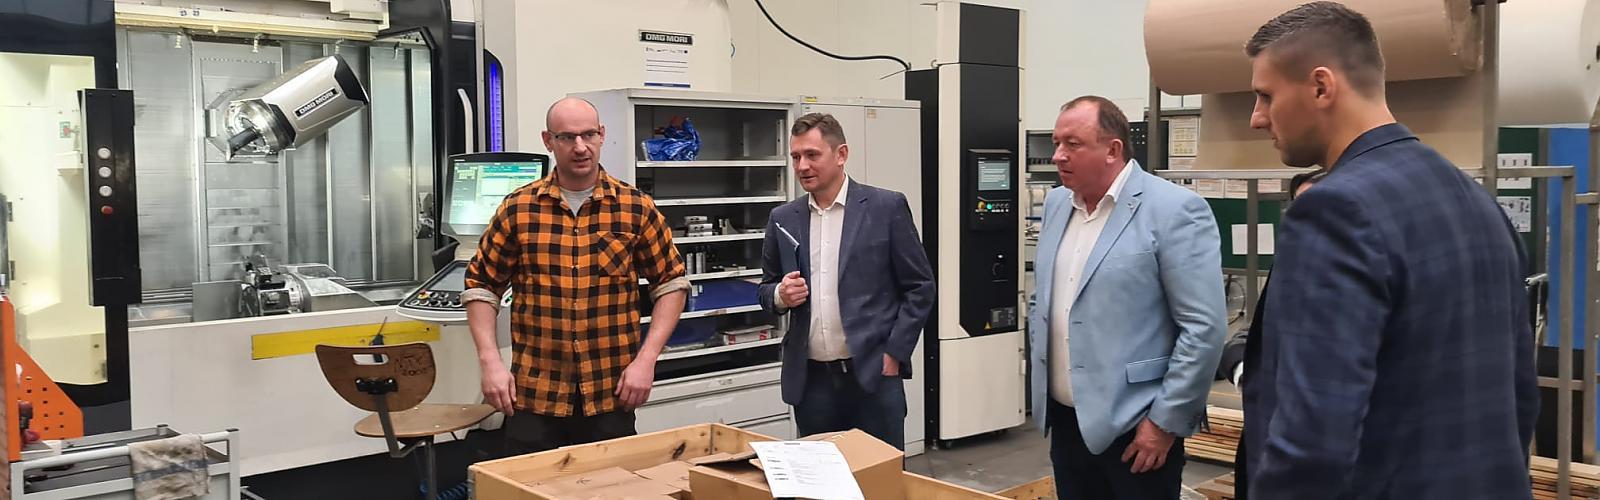 Wicemarszałek województwa Tomasz Sobieraj (w środku) i prezes firmy Inter-Metal Tomasz Maksymiuk (błękitna marynarka) na hali produkcyjnej.